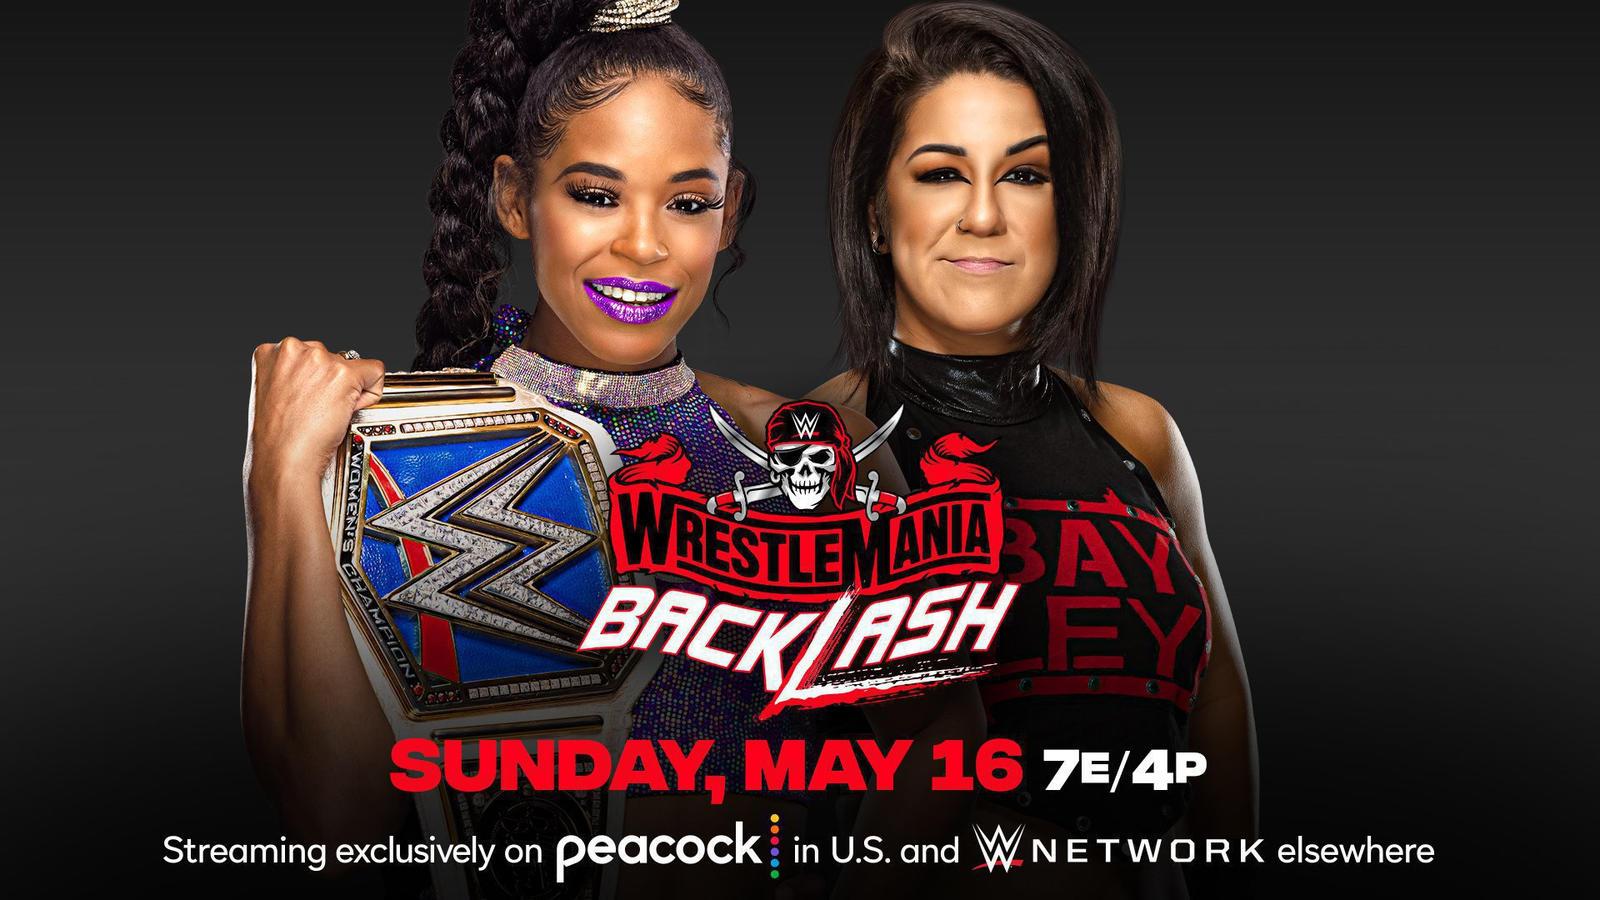 Bianca Belair vs Bayley Set For WrestleMania Backlash